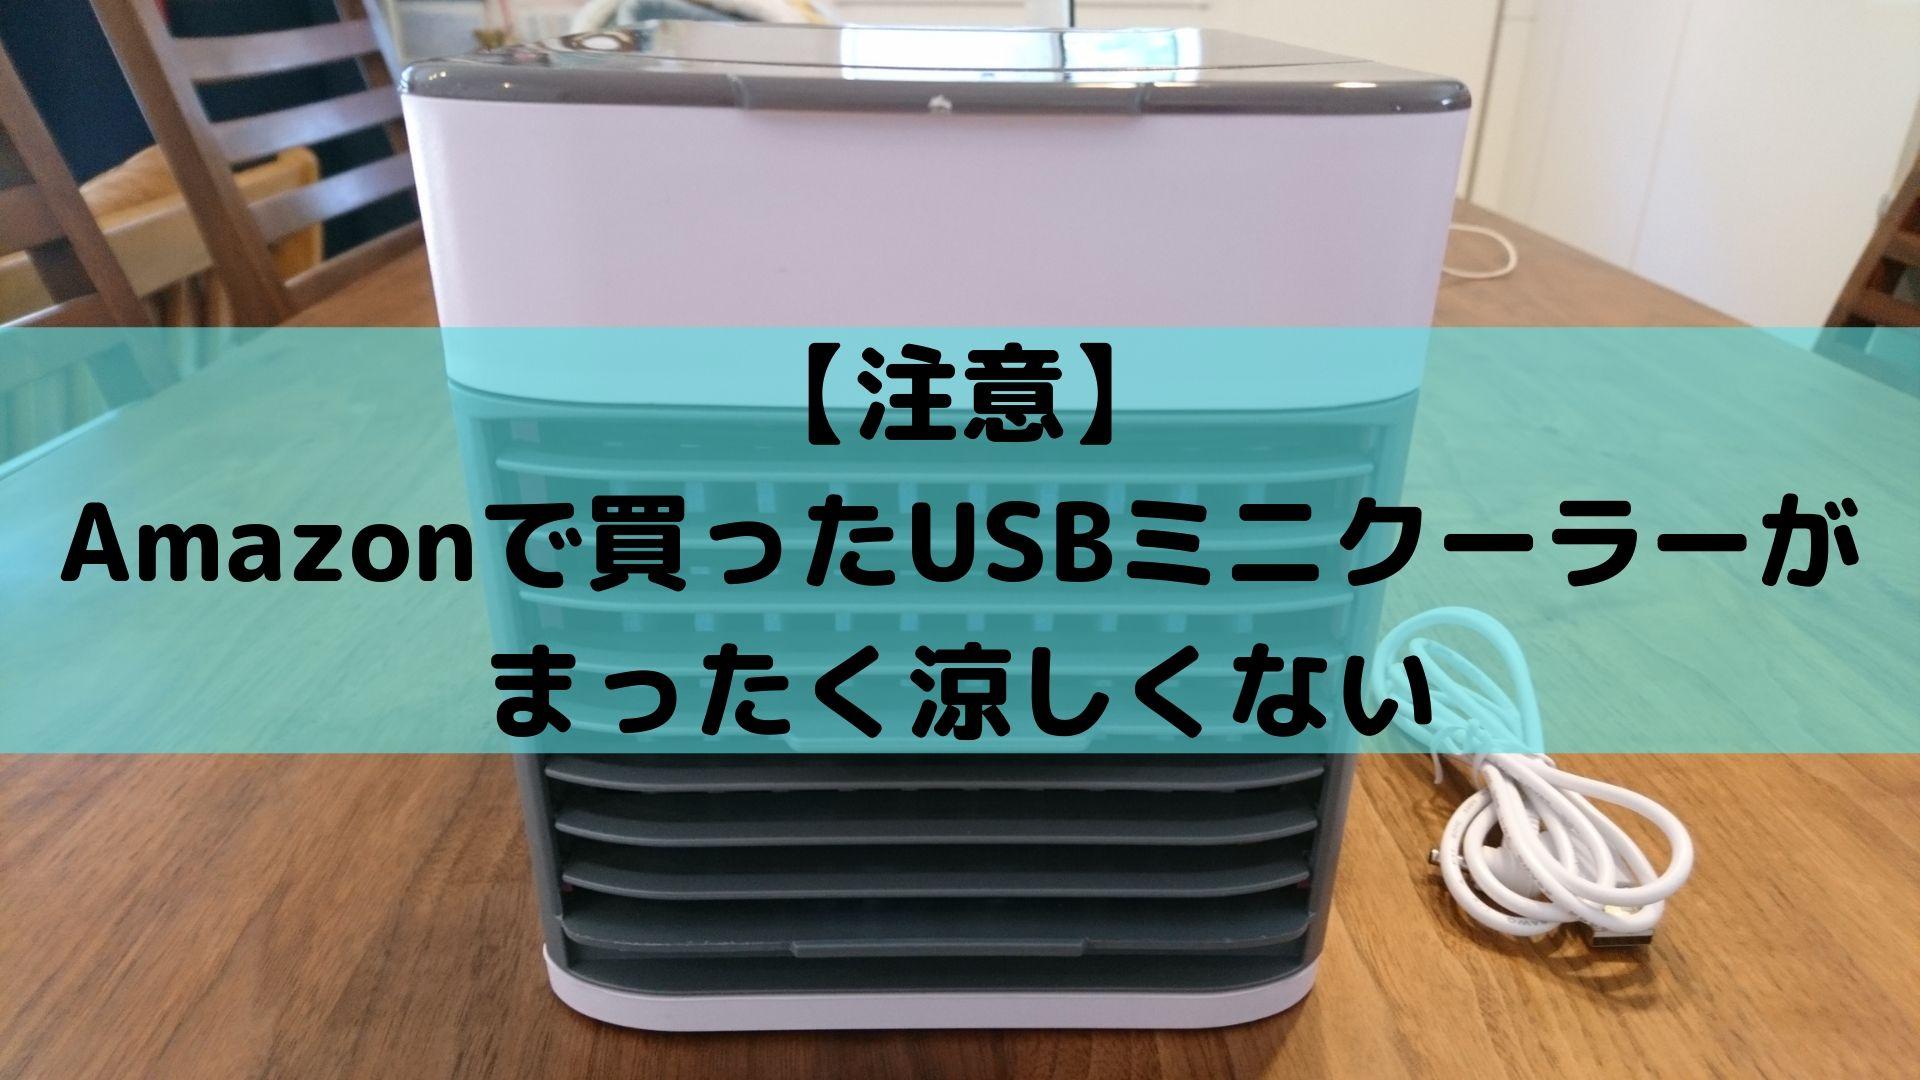 【注意】Amazonで買ったUSBミニクーラーがまったく涼しくない